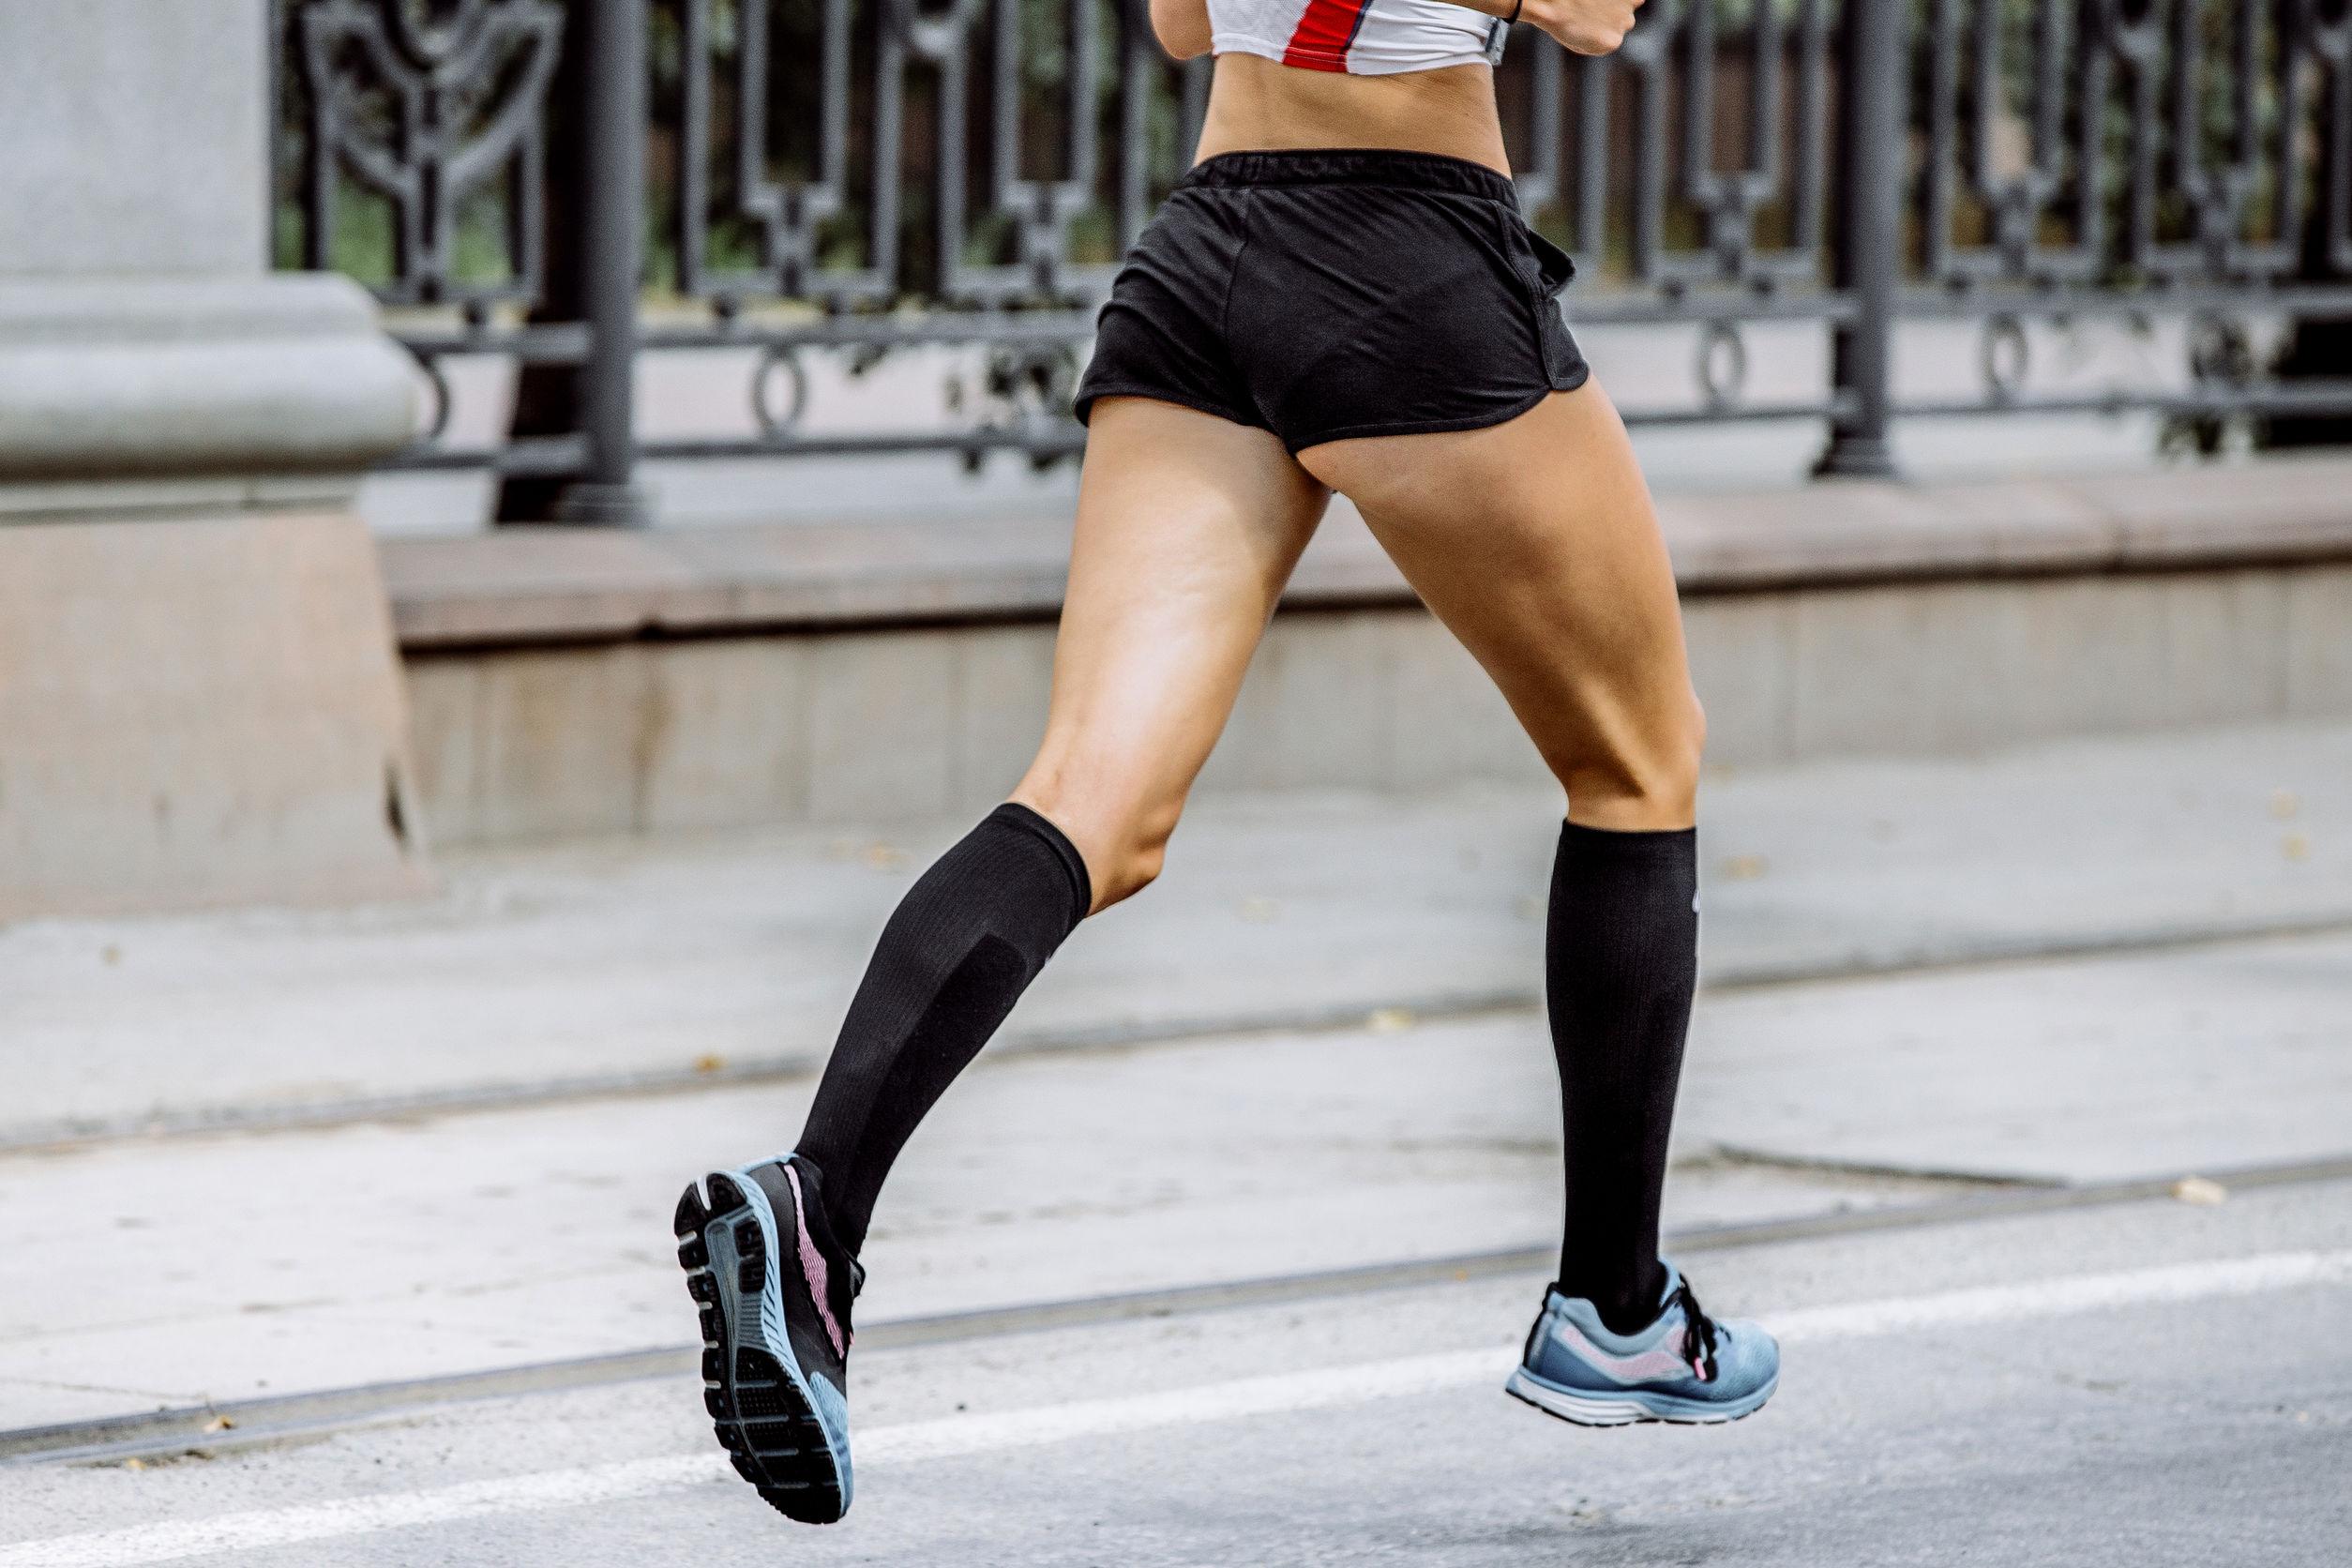 Migliori calze a compressione 2020: Guida all'acquisto